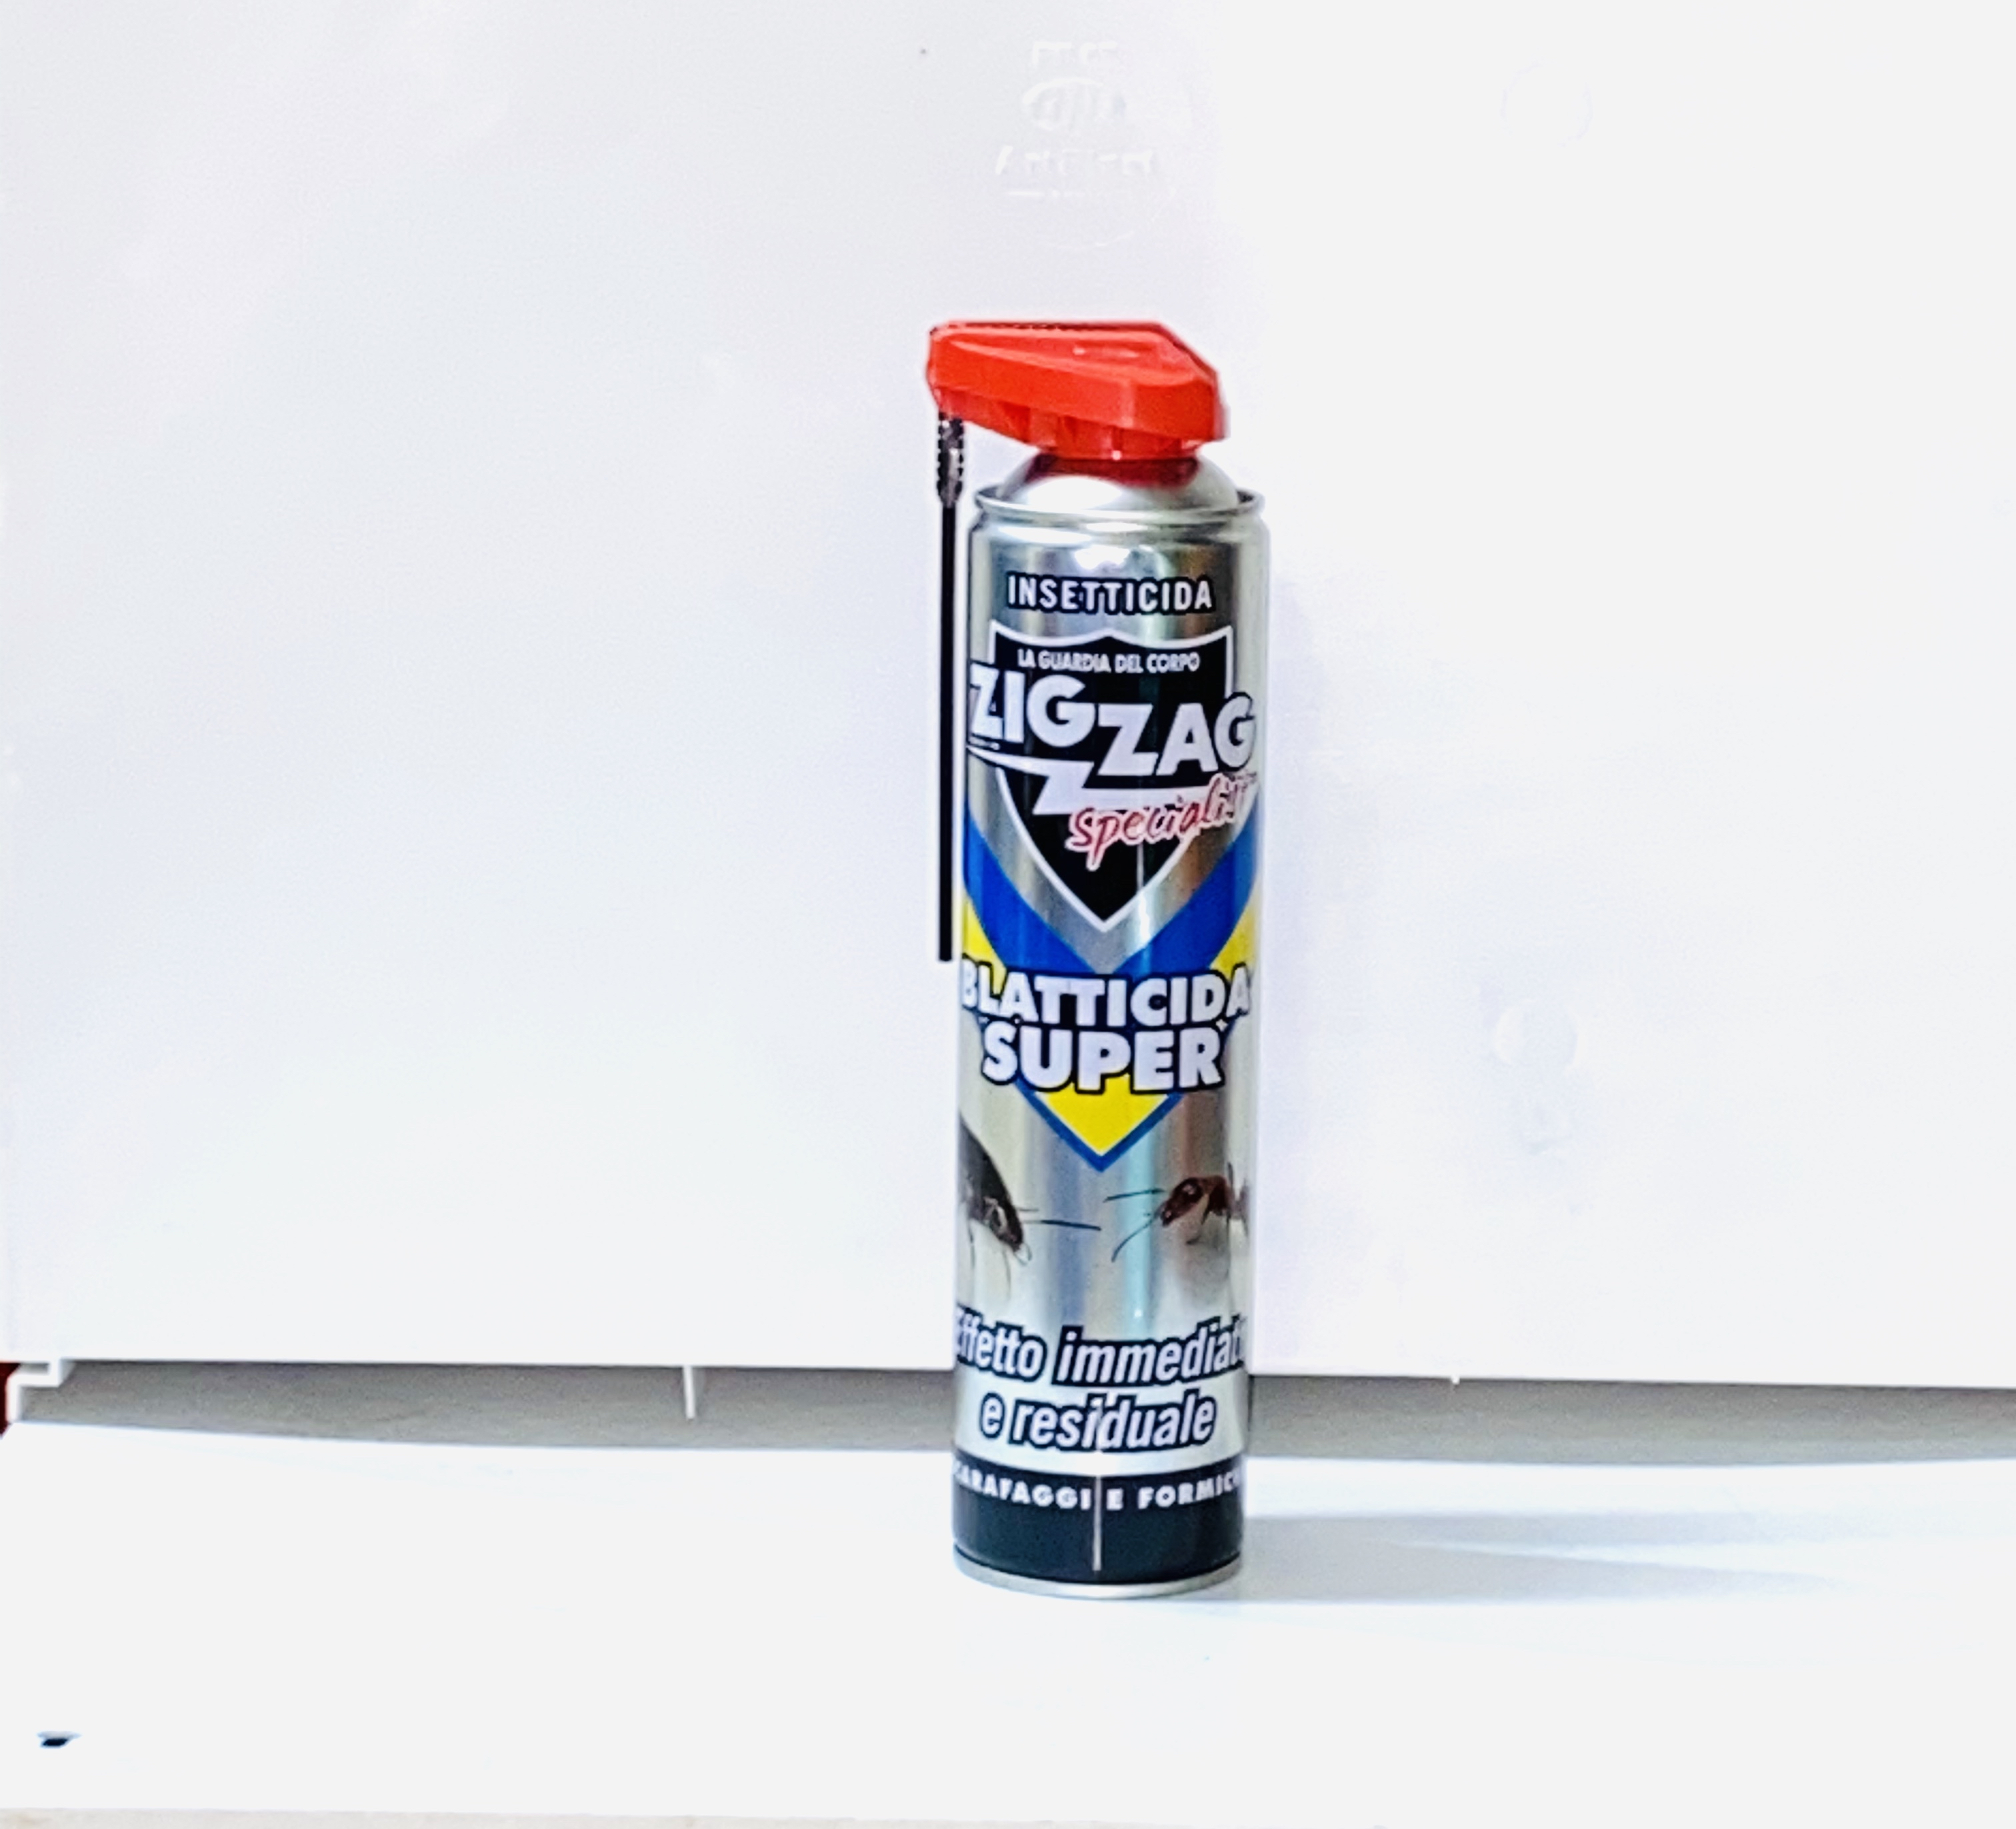 BLATTICIDA SUPER ZIG-ZAG 600 ml.